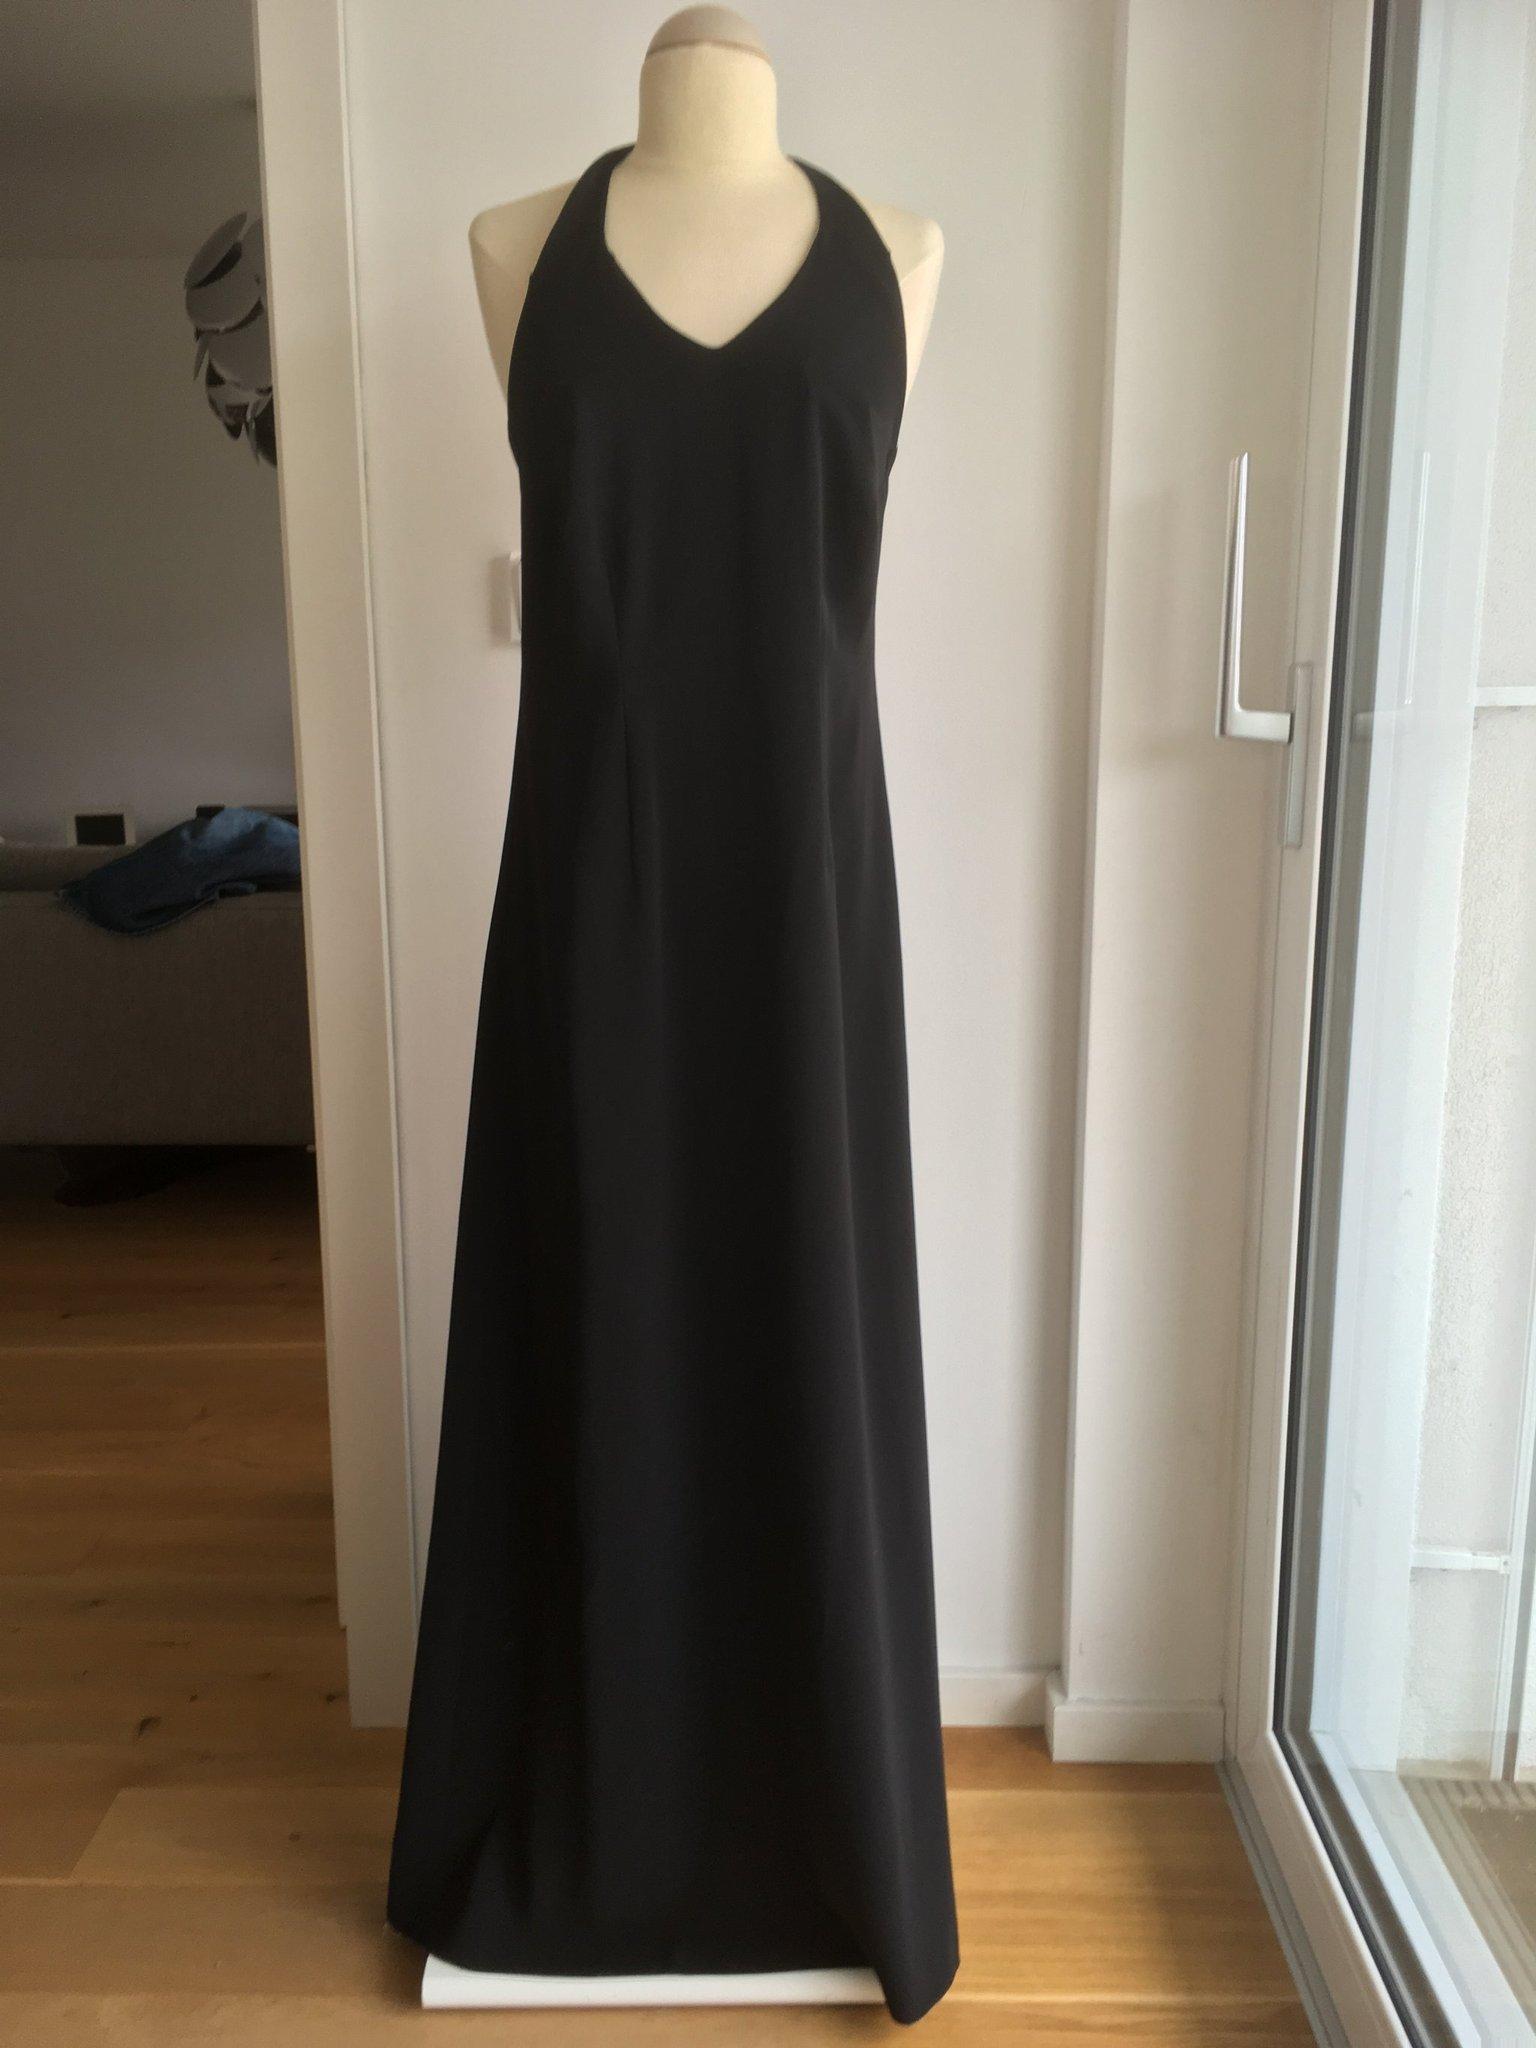 Häger Stockholm svart halterneck klänning, stl 42